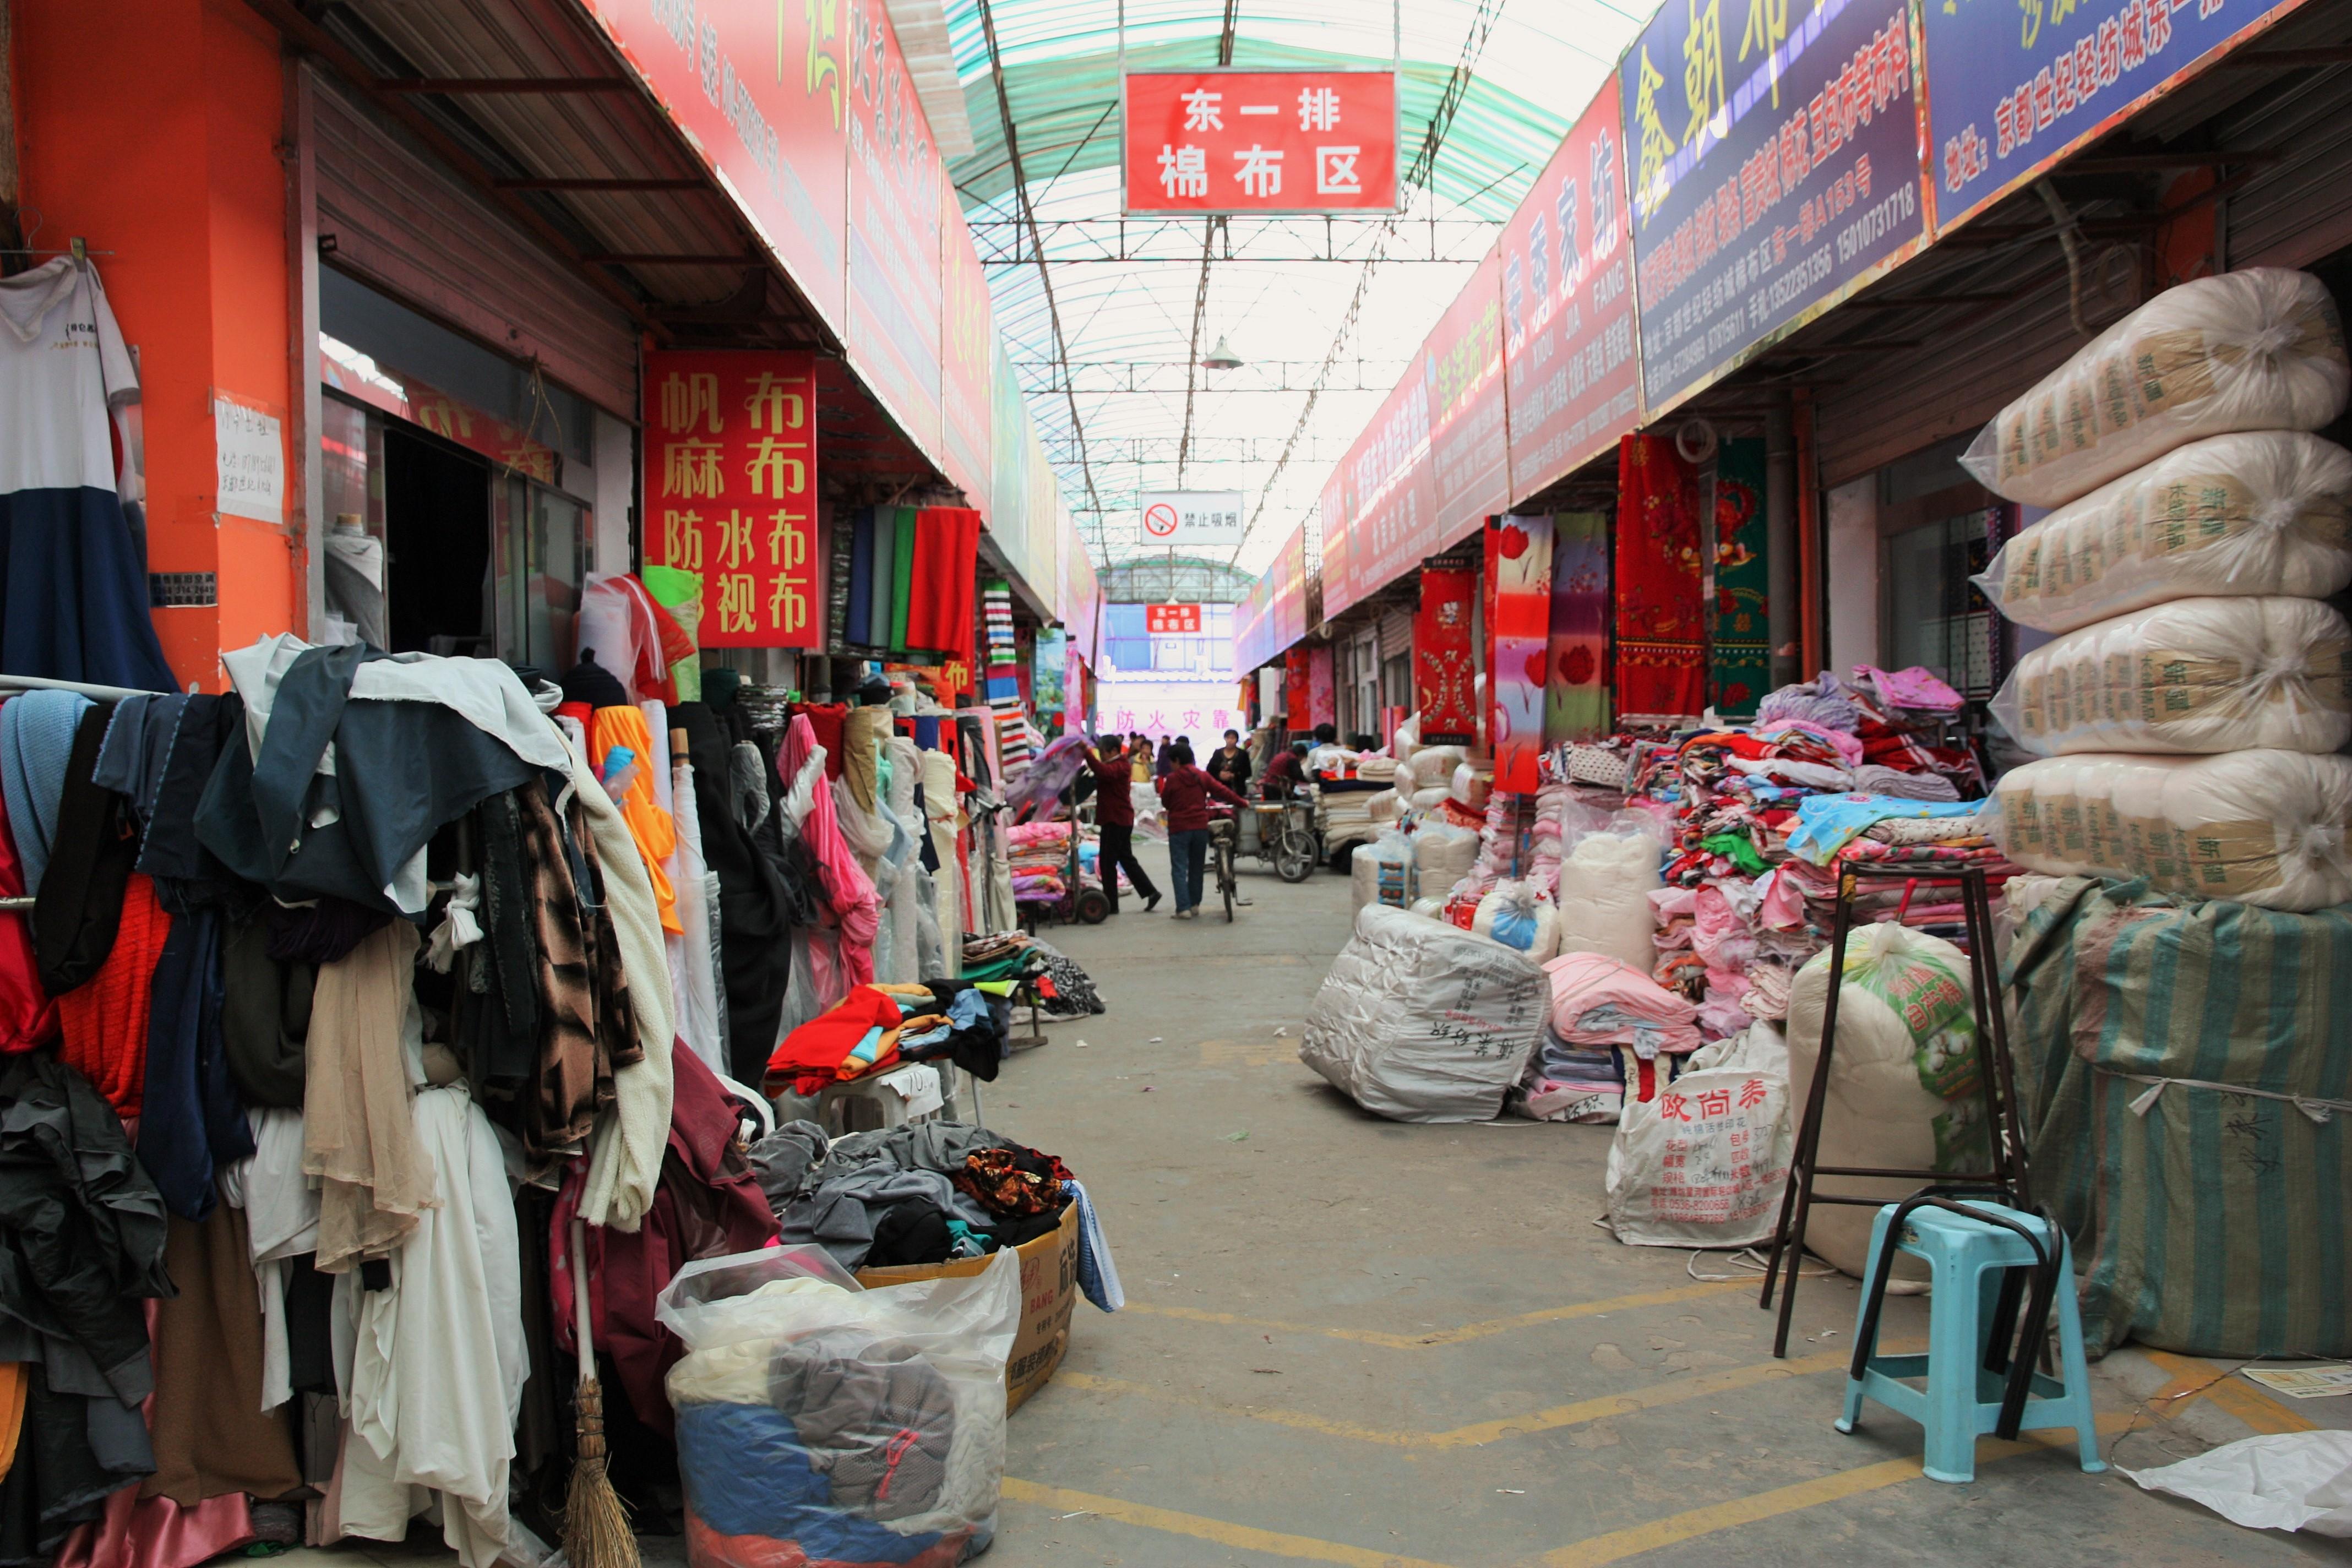 25 octobre 2014 le march aux tissus de muxiyuan chine la parenth se inattendue. Black Bedroom Furniture Sets. Home Design Ideas